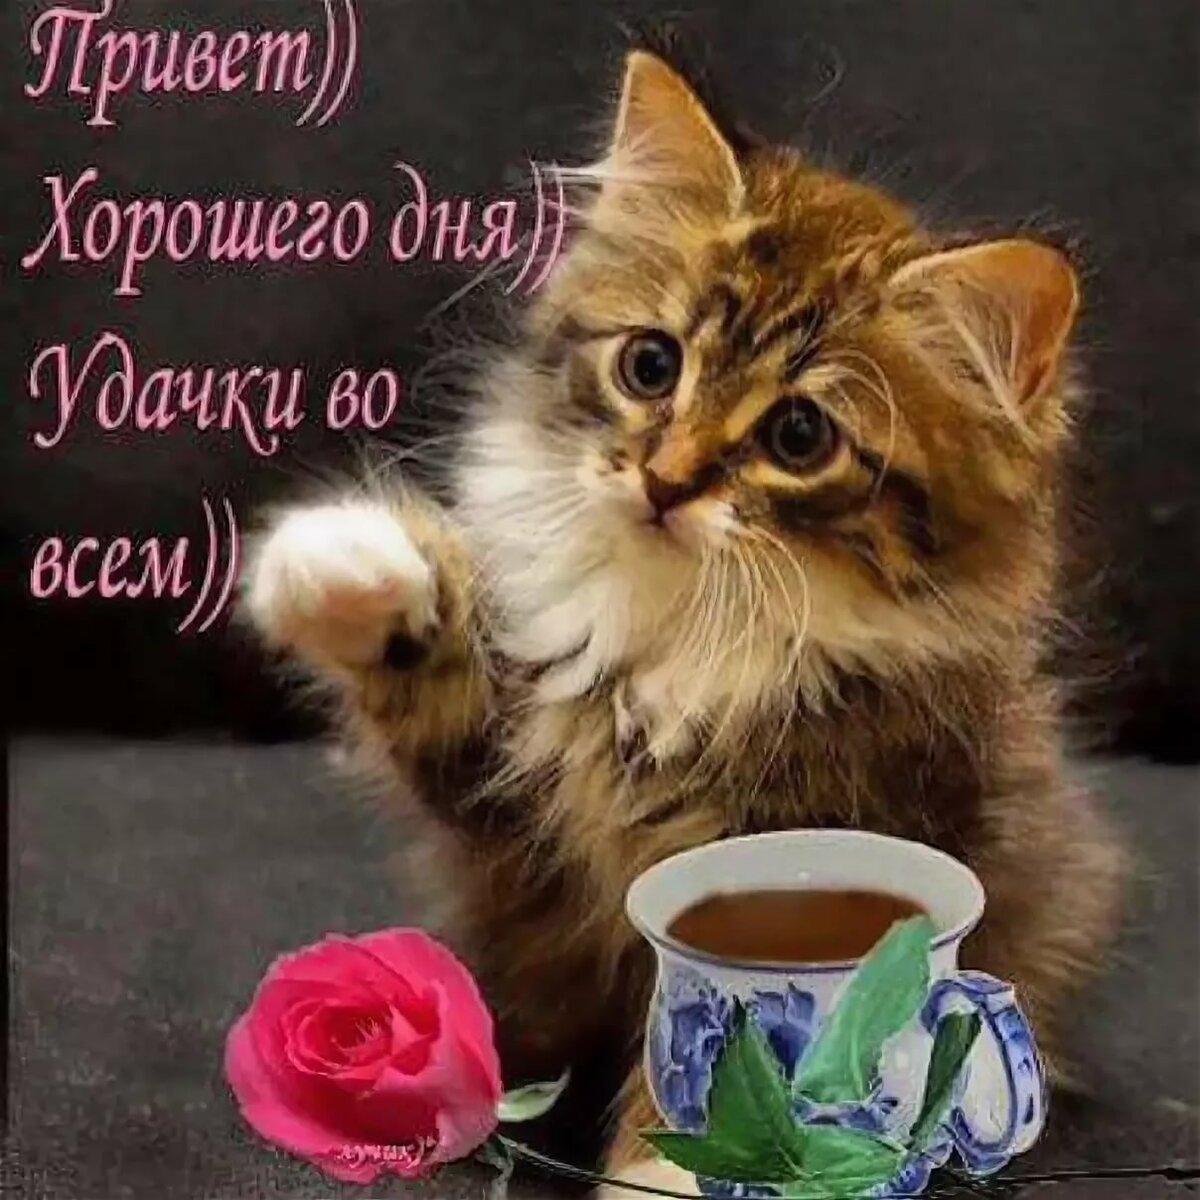 Открытки с котами хорошего дня